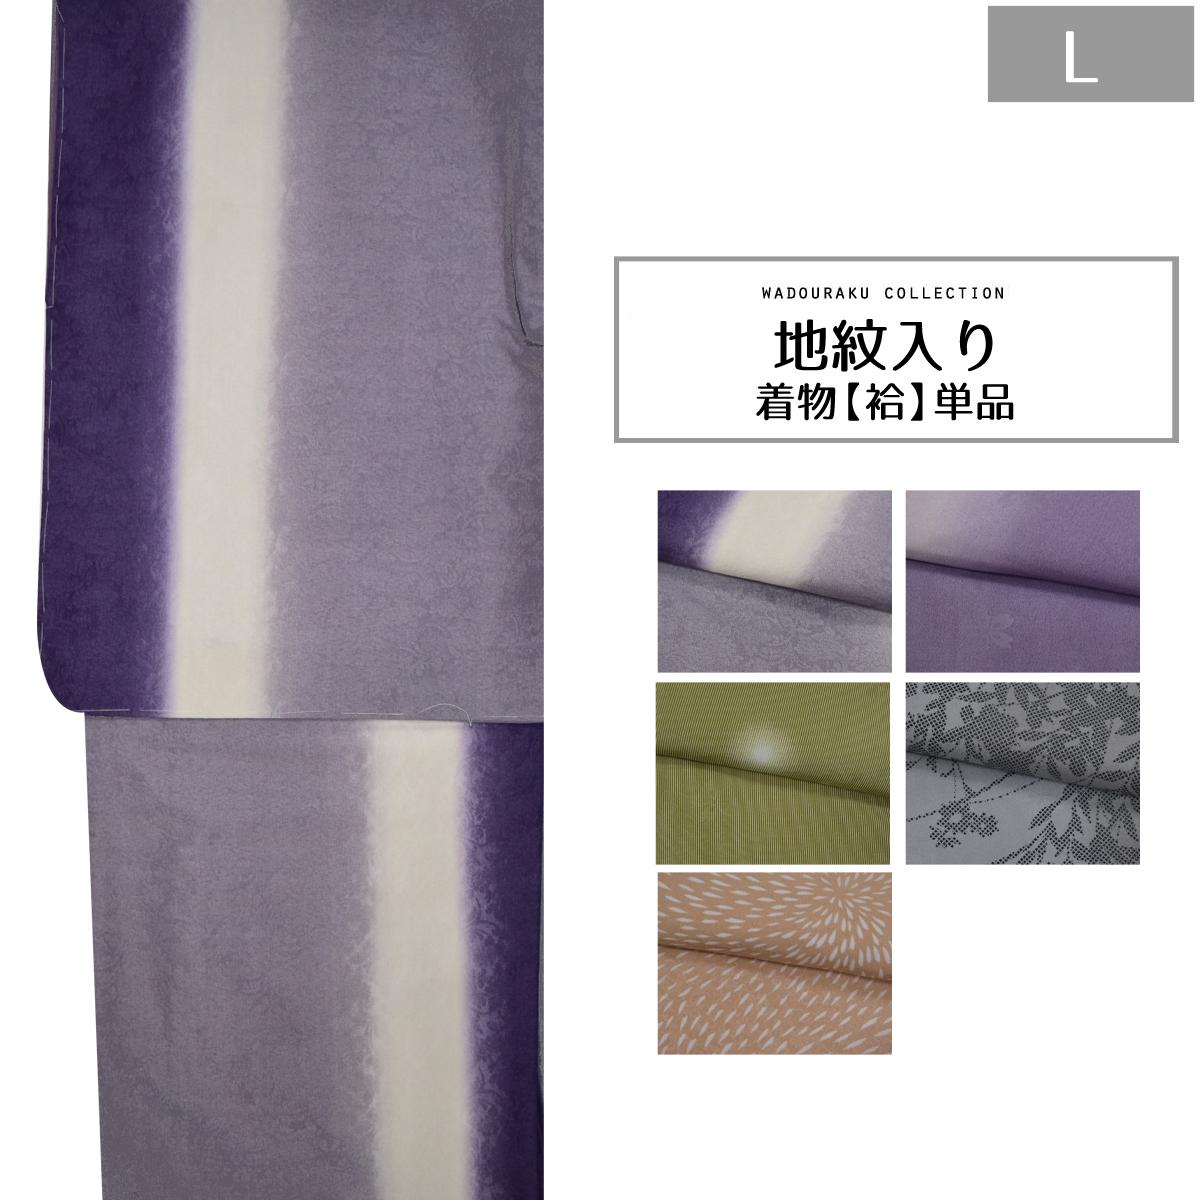 袷 お洒落 黒 紫 Lサイズ【優美】普段着 【地紋入り】選べる 洗える着物 単品 青番号f1216-203